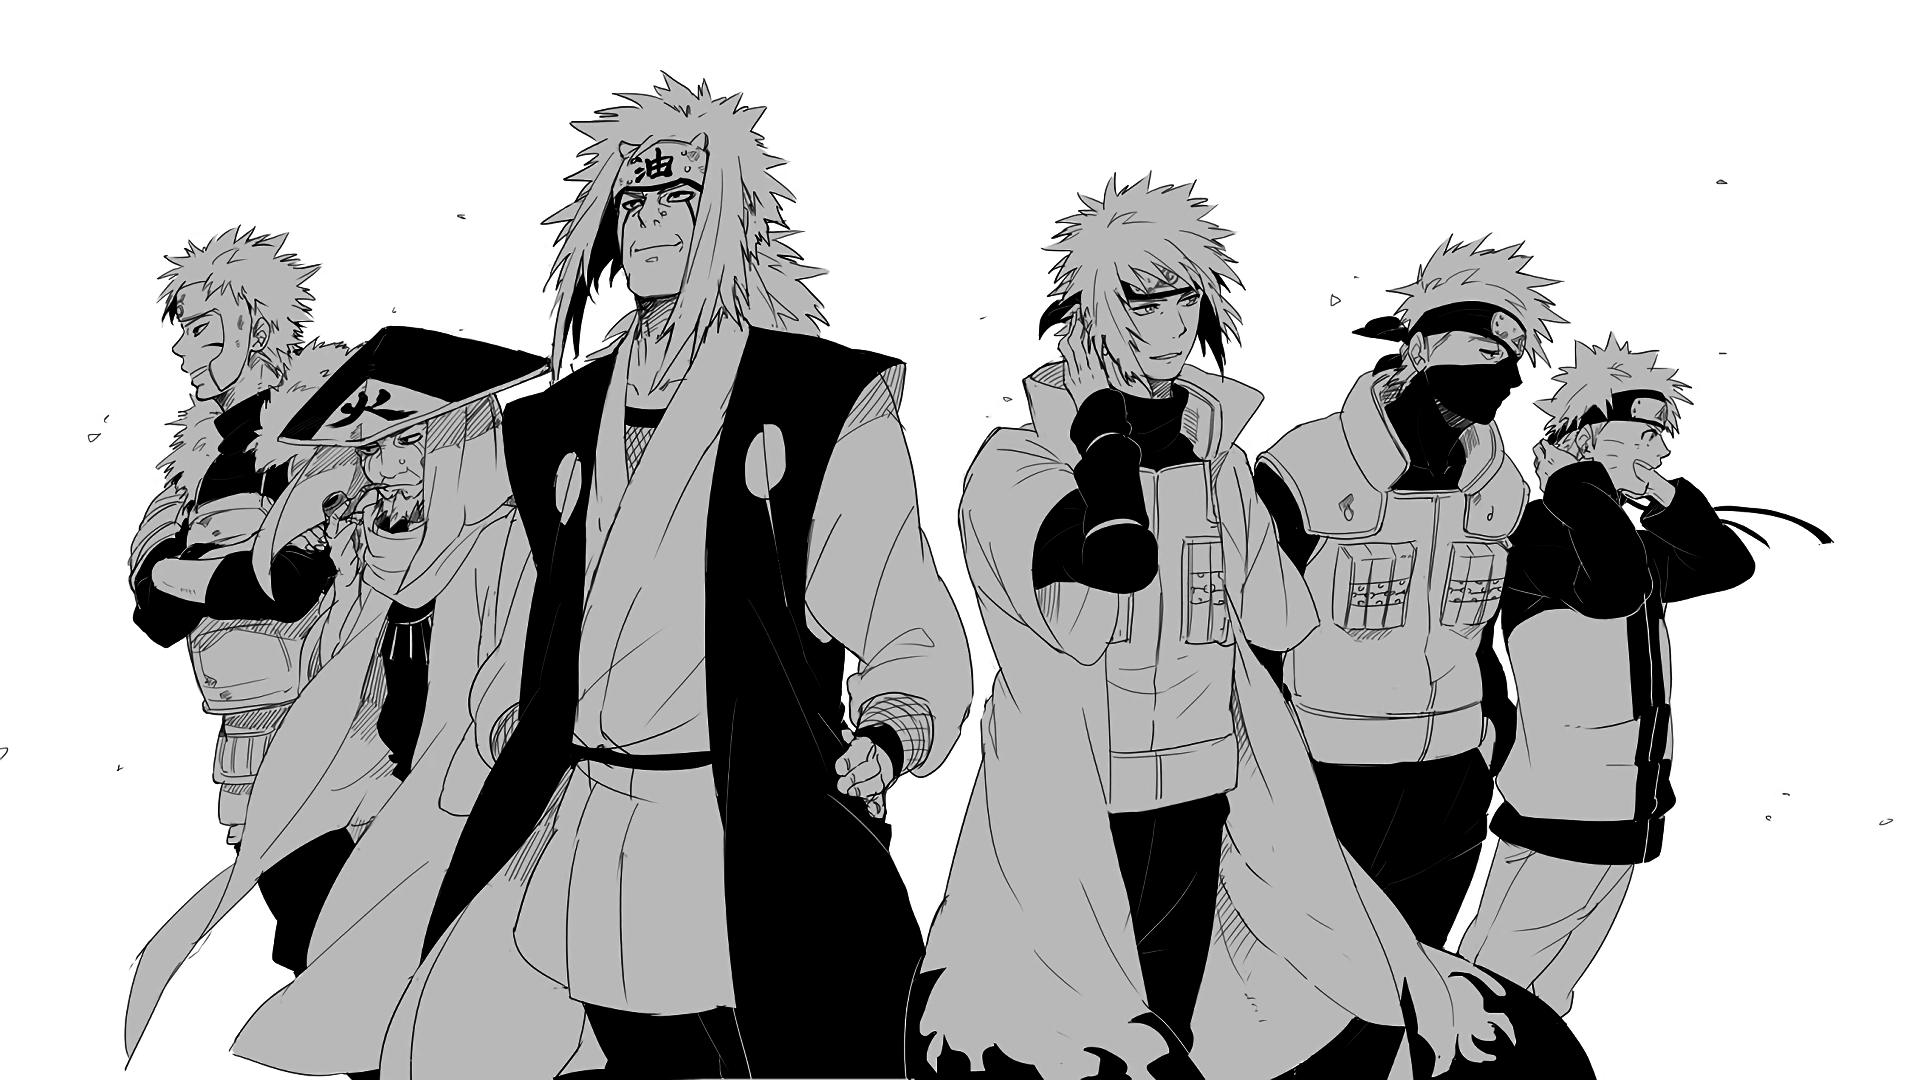 83 Jiraiya Naruto Hd Wallpapers Background Images Wallpaper